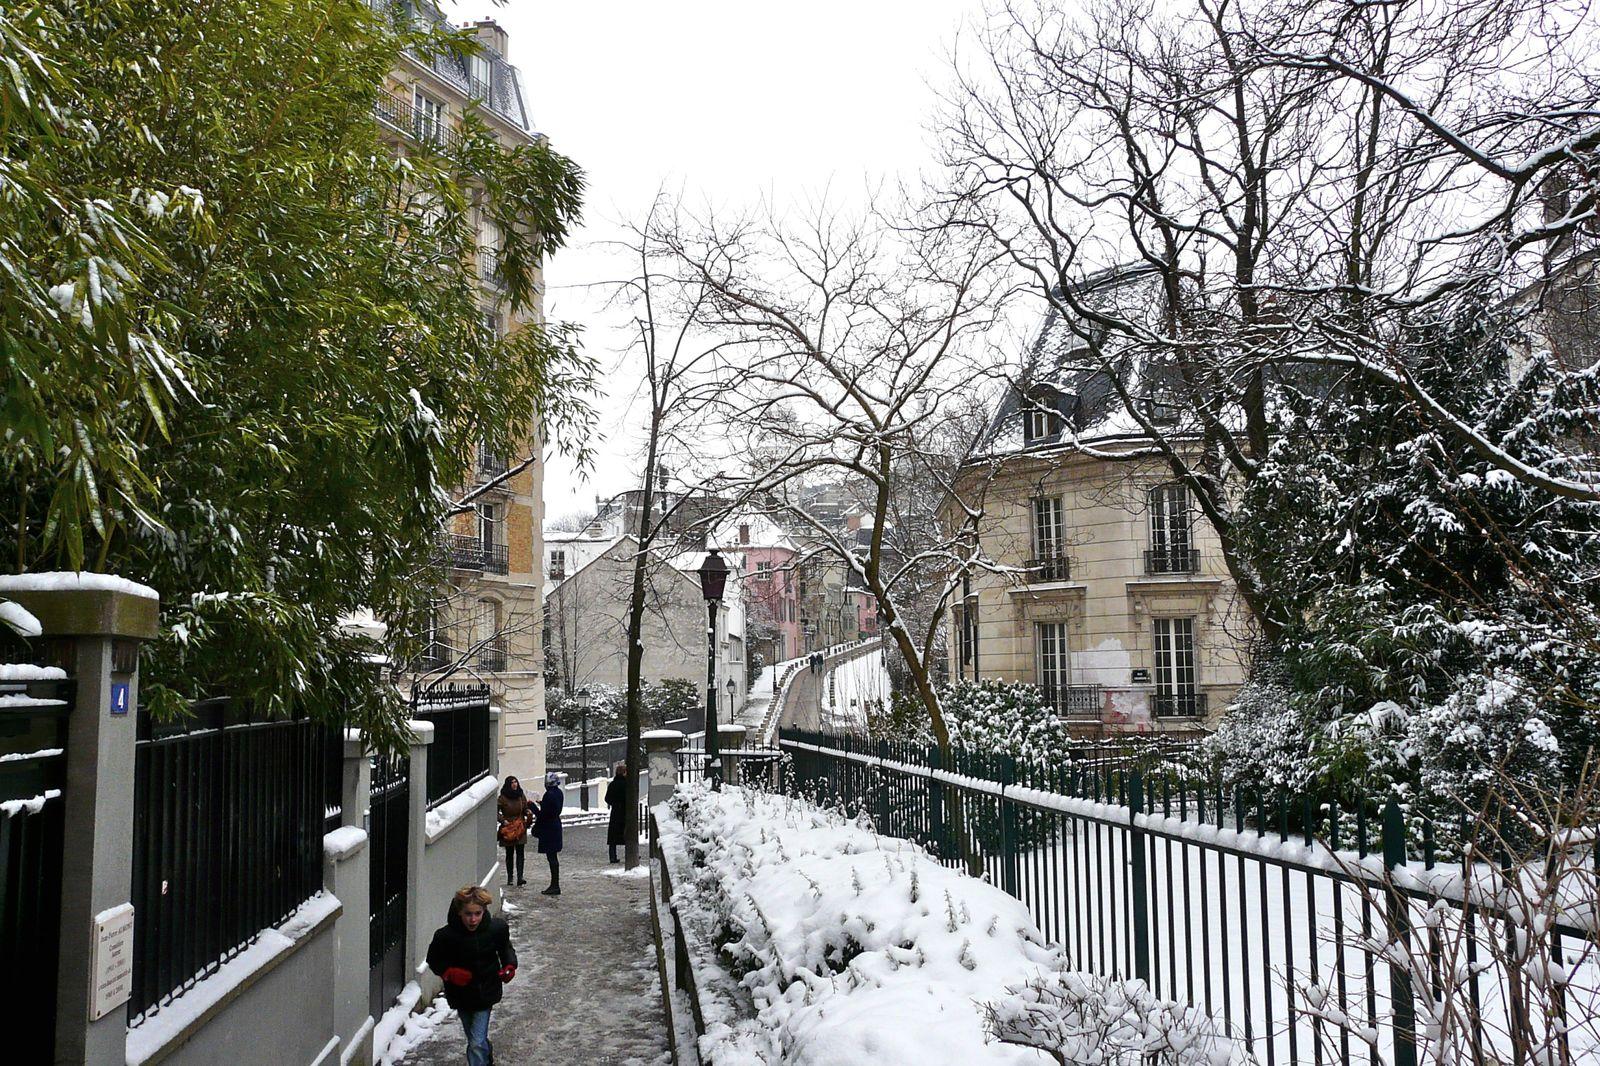 Neige sur la butte - Snow on the hill